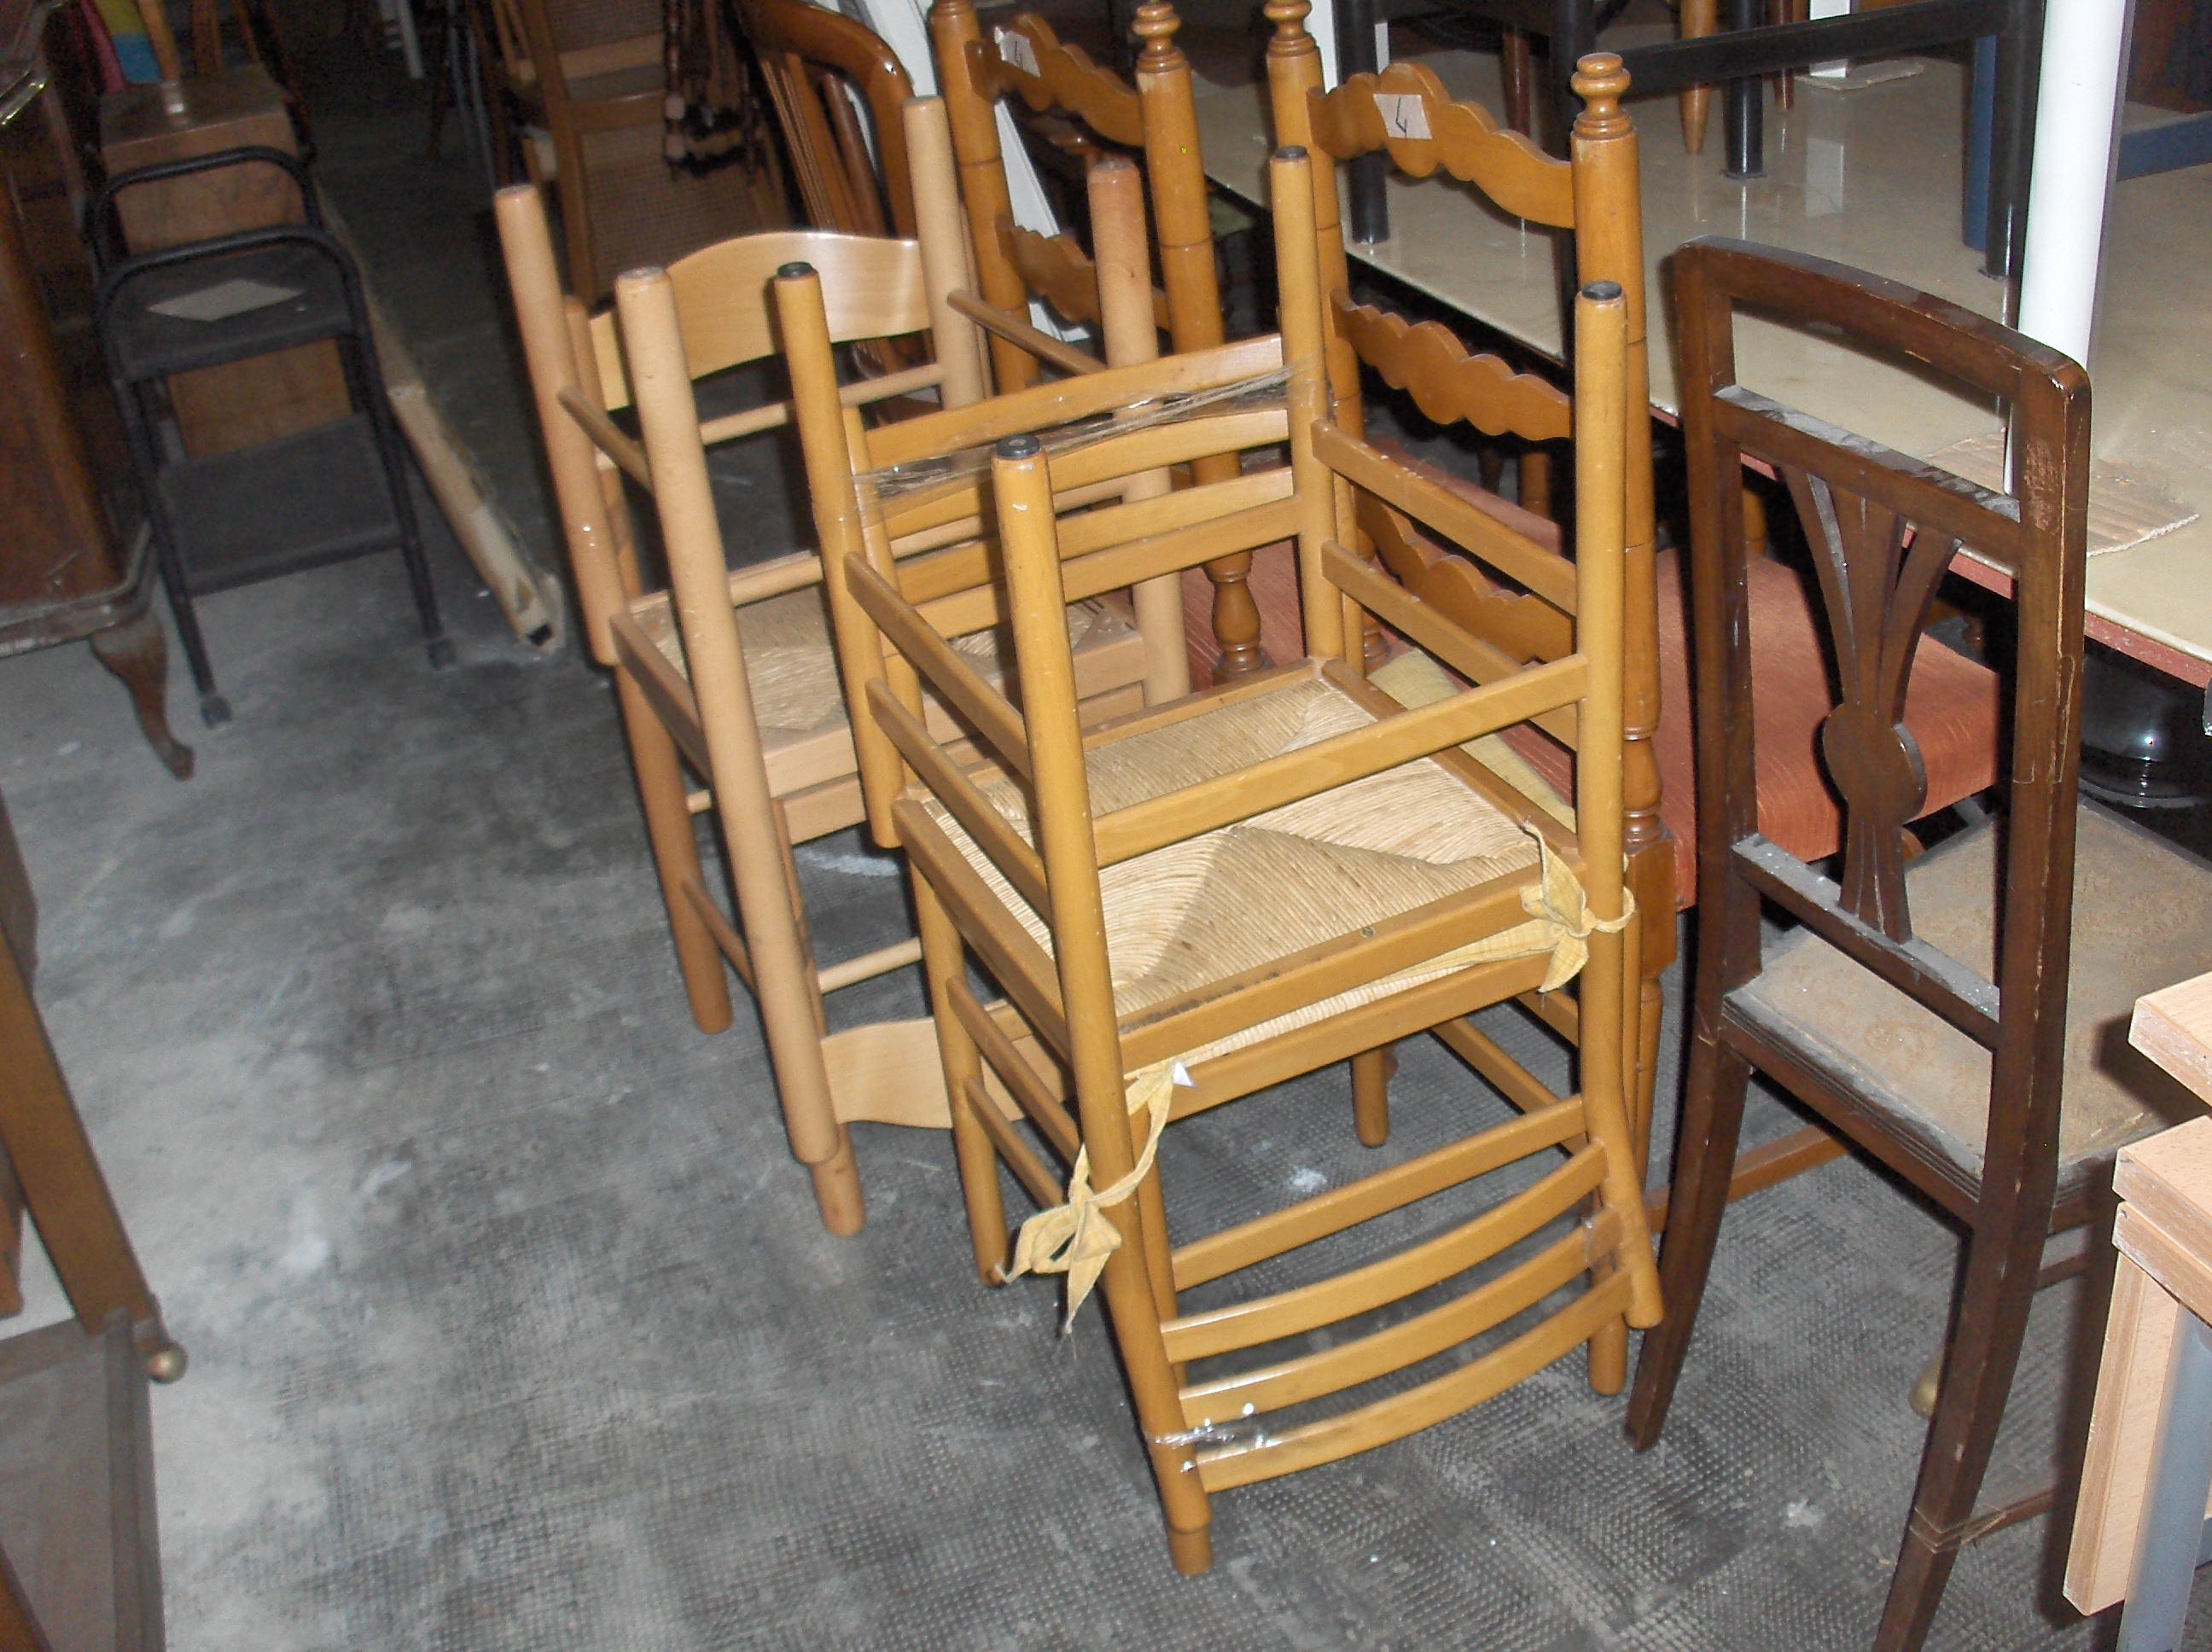 ... » sedie usate varie, da sala o da cucina, a partire da euro 5 cad